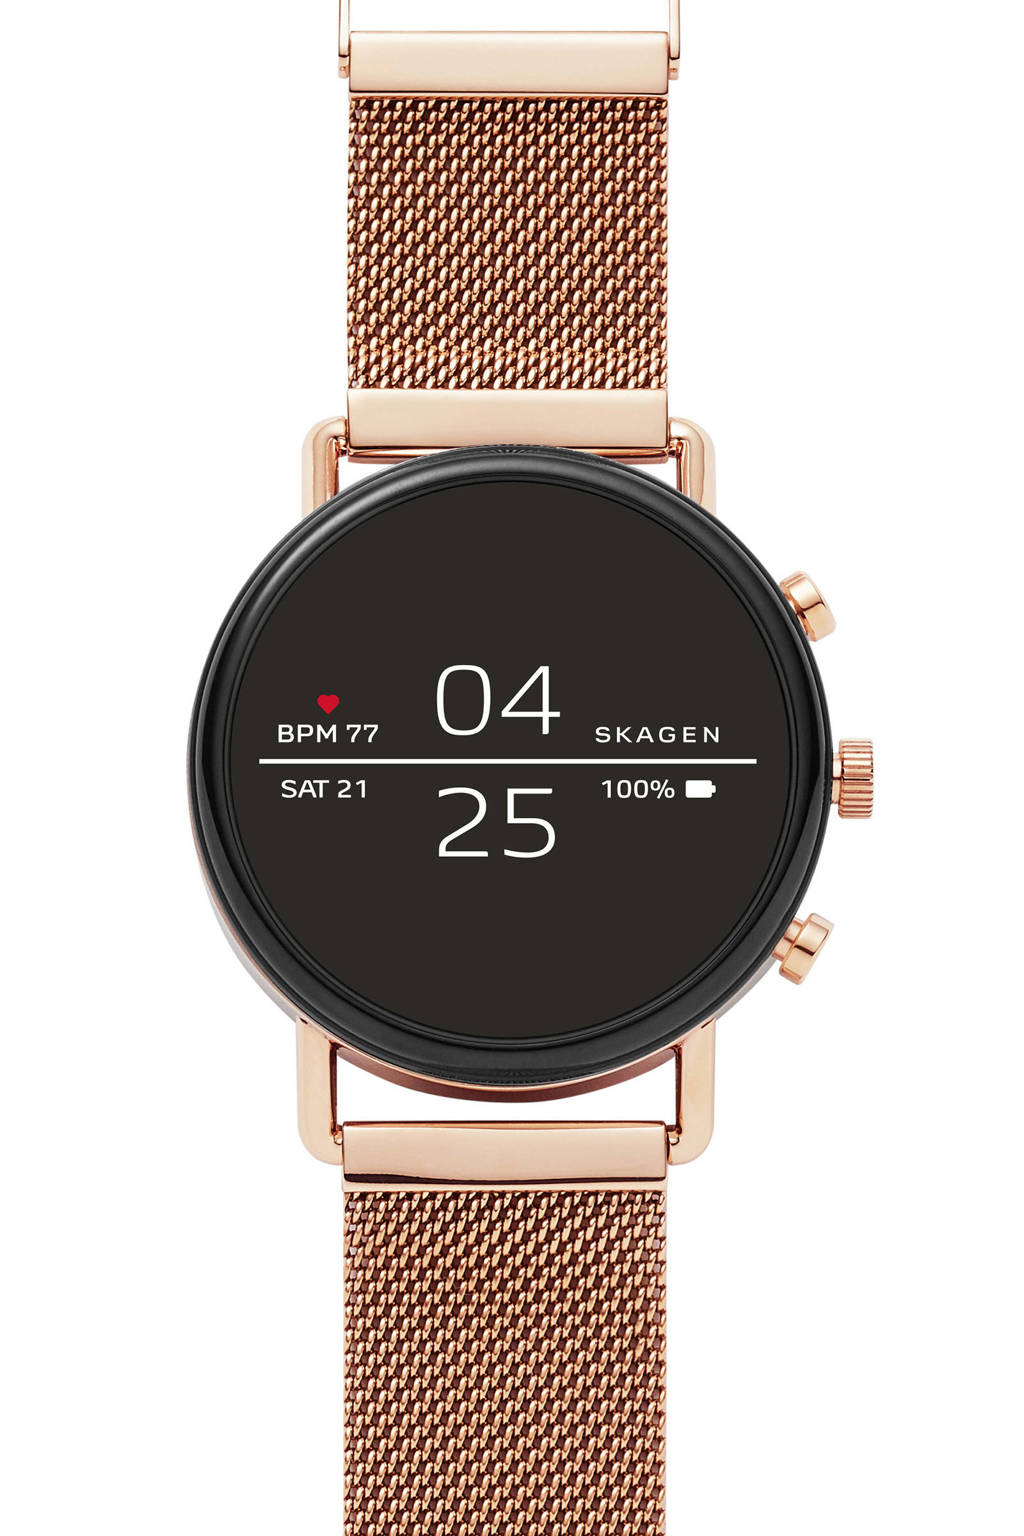 Skagen Falster Gen 4 heren display smartwatch SKT5103, Rosé goud